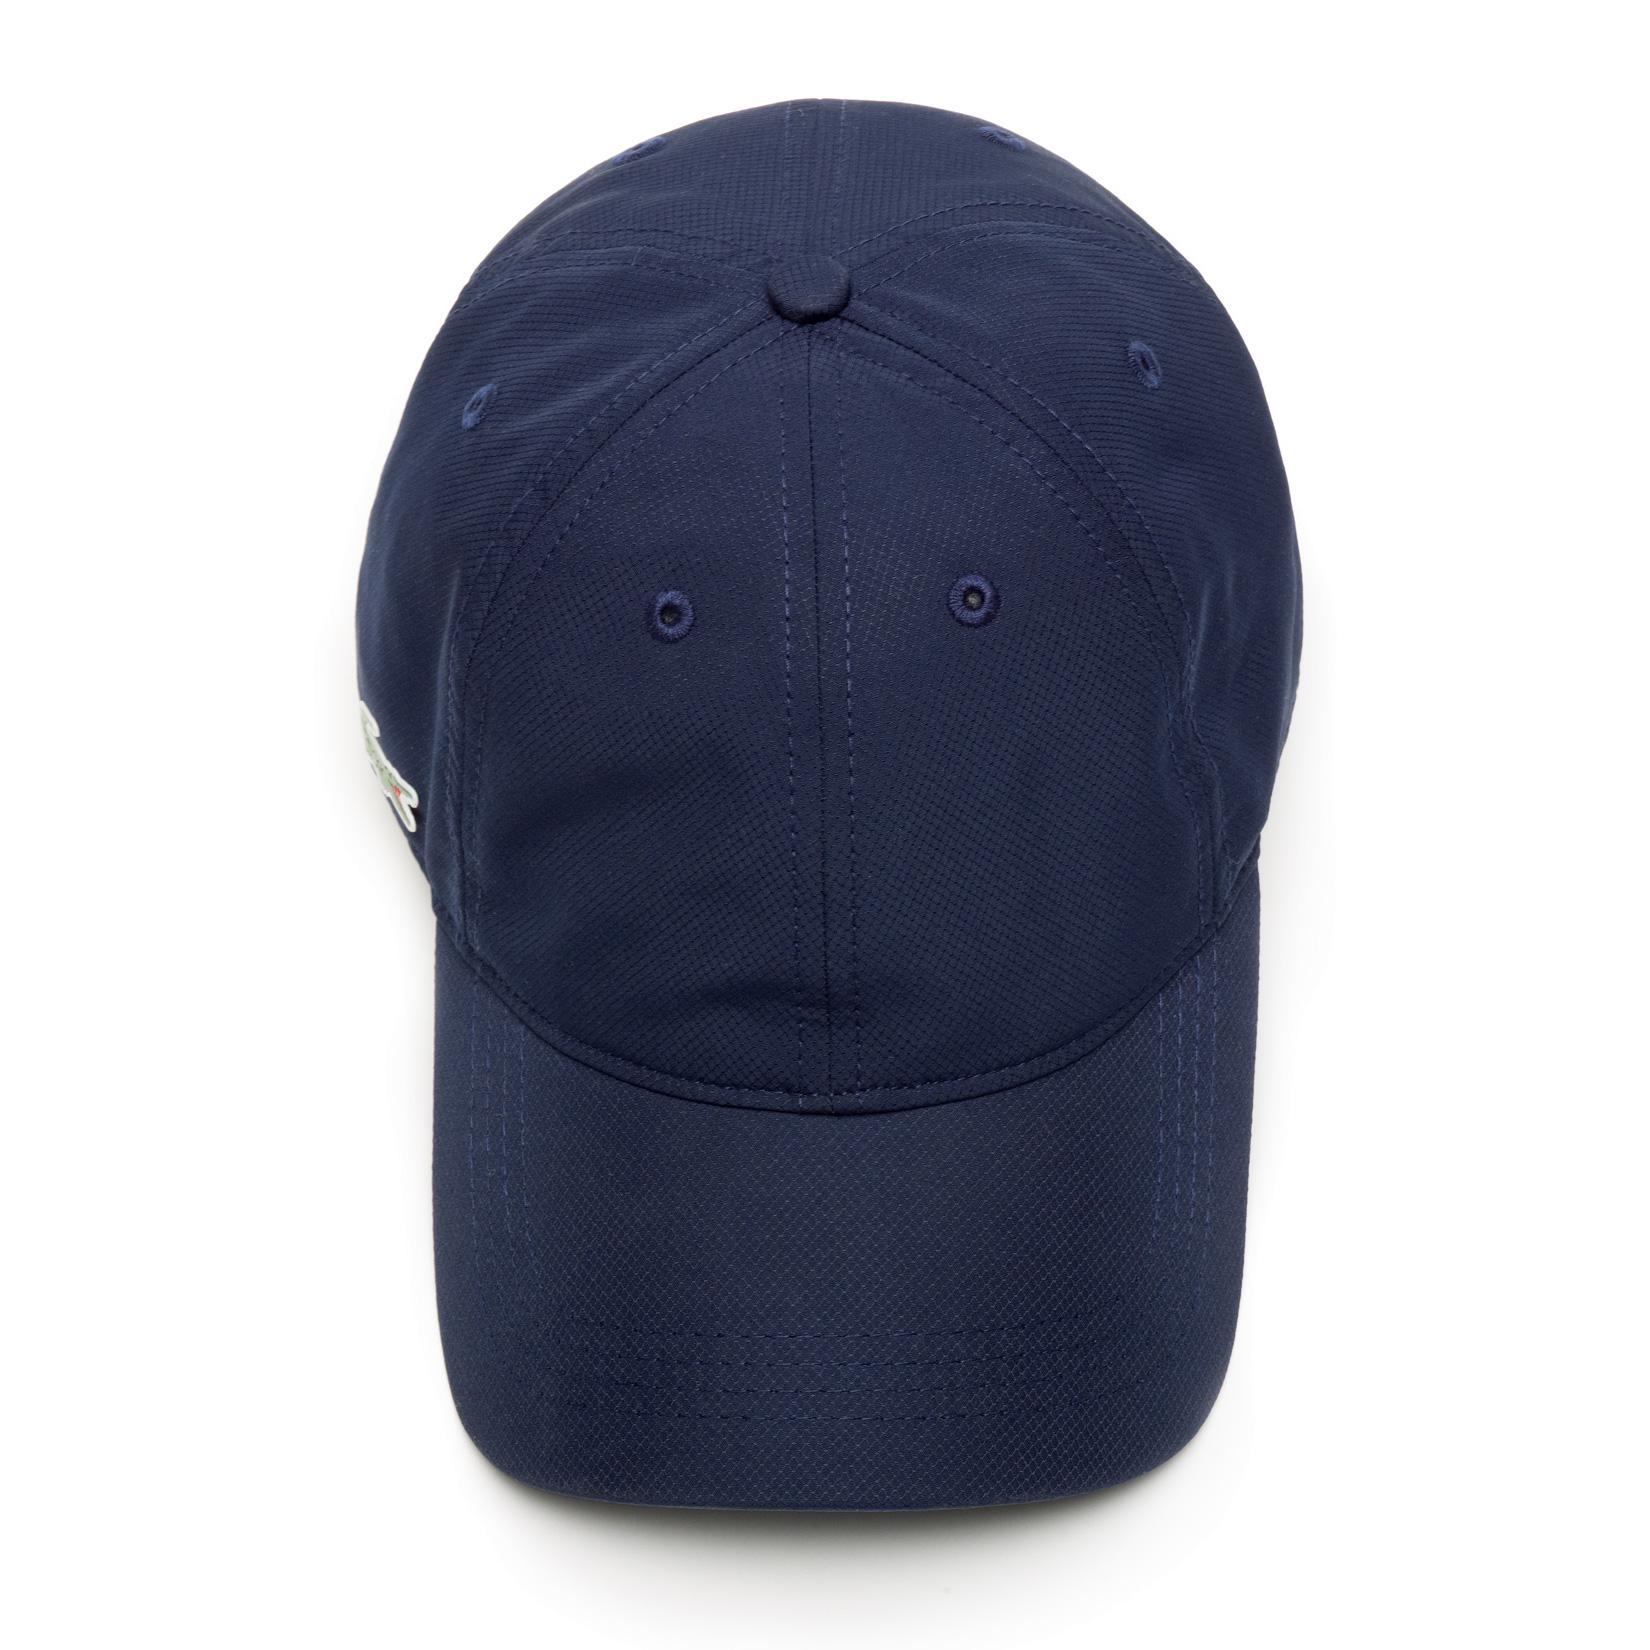 166bdec8d56 Lacoste Sport Cap in Solid Diamond Weave Taffeta - Navy Blue ...